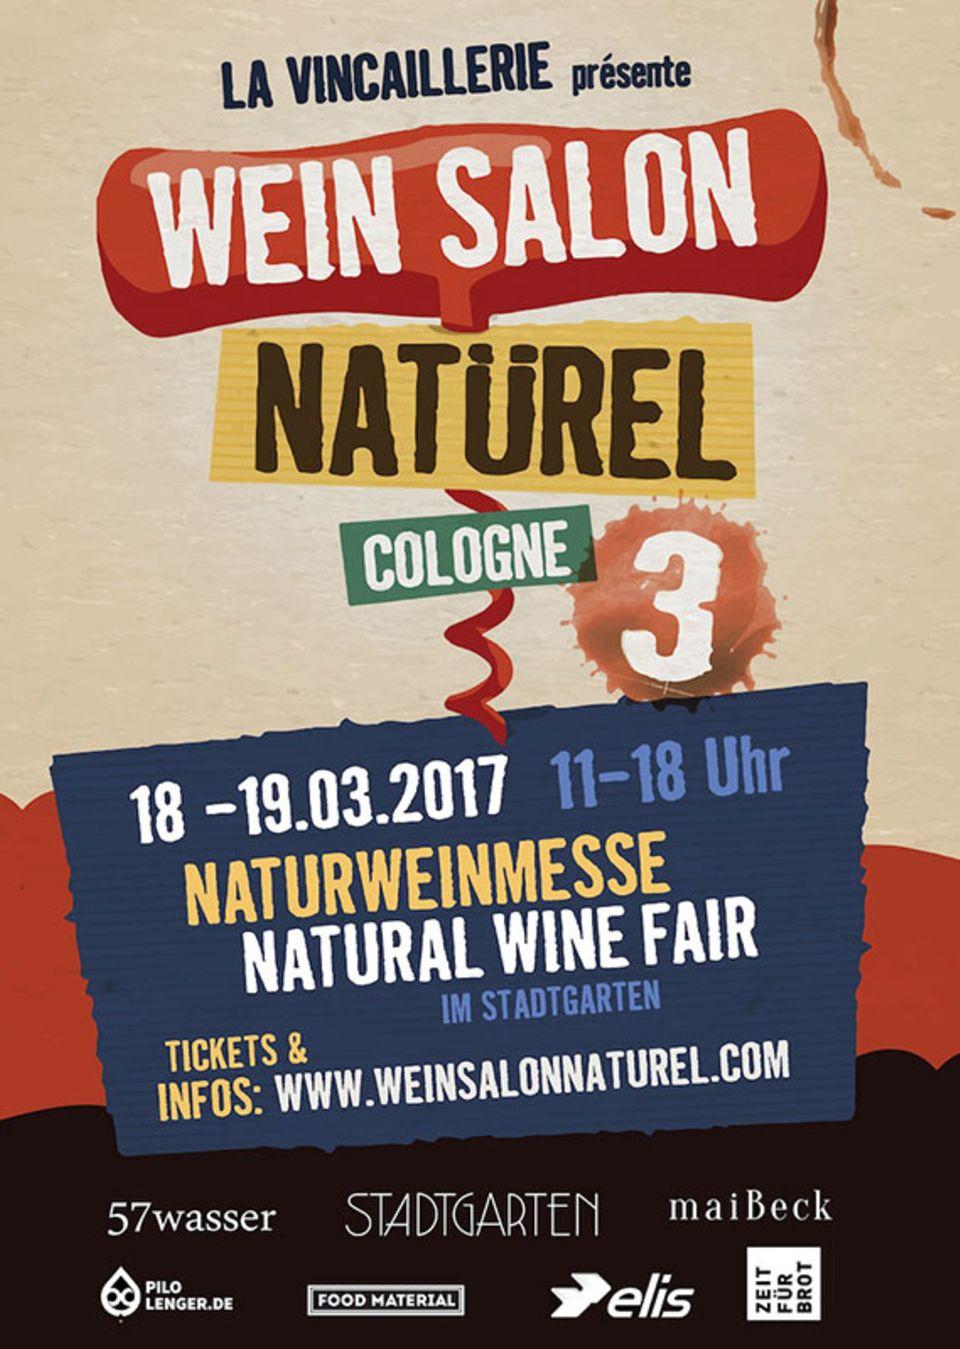 """Zum dritten Mal gibt es auf der Messe """"Wein Salon Natürel"""" in Köln spannende Naturweine zu entdecken"""